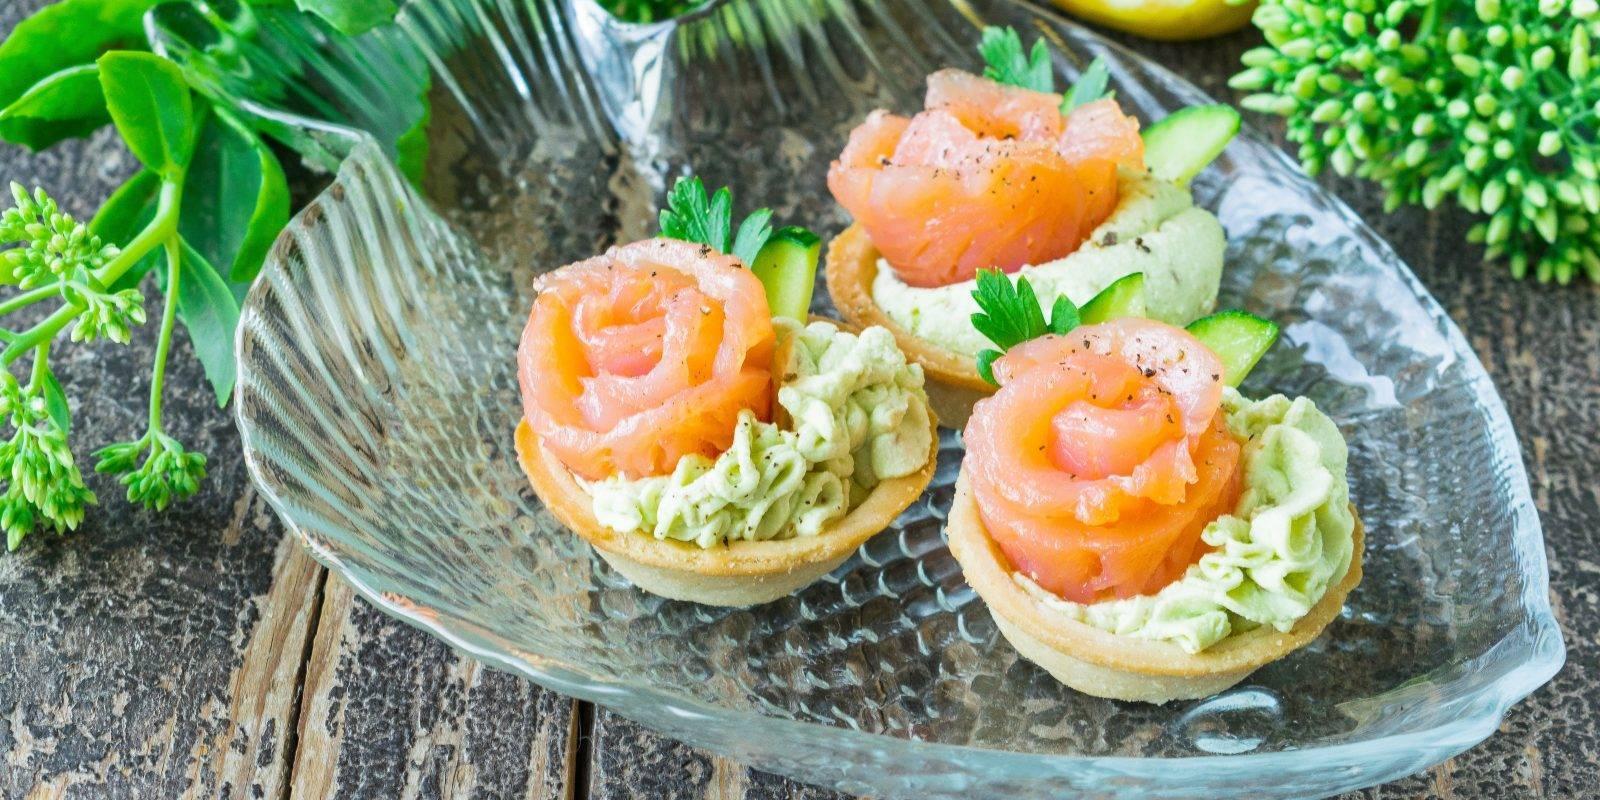 Тарталетки с красной рыбой на праздничный стол: рецепты с фото